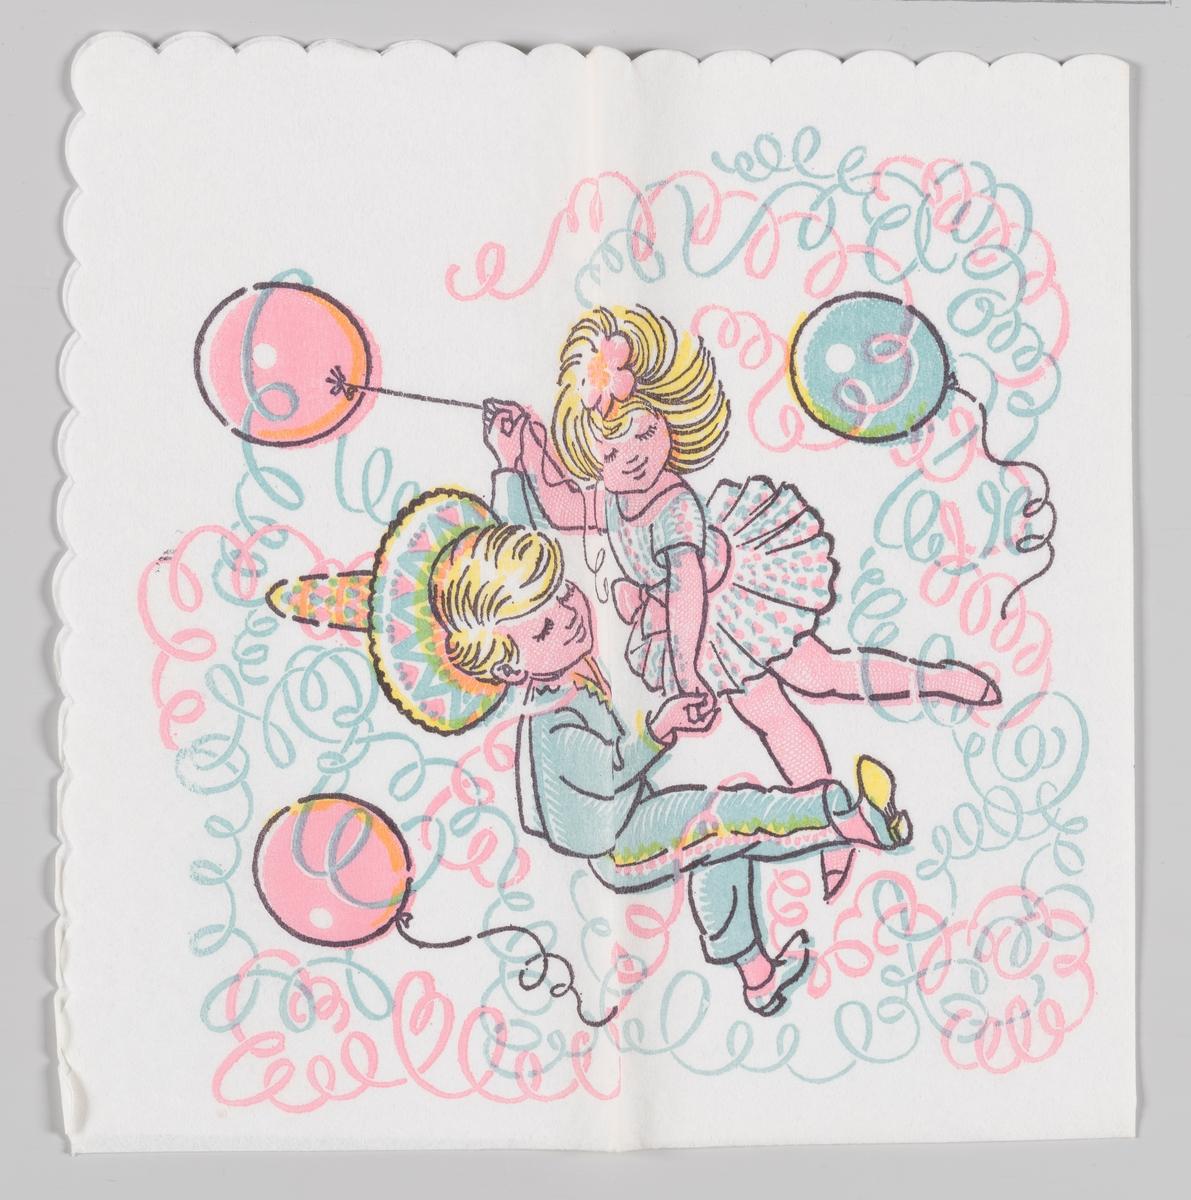 En gutt med meksikanerhatt og en jente danser blant ballonger og papirgirlander